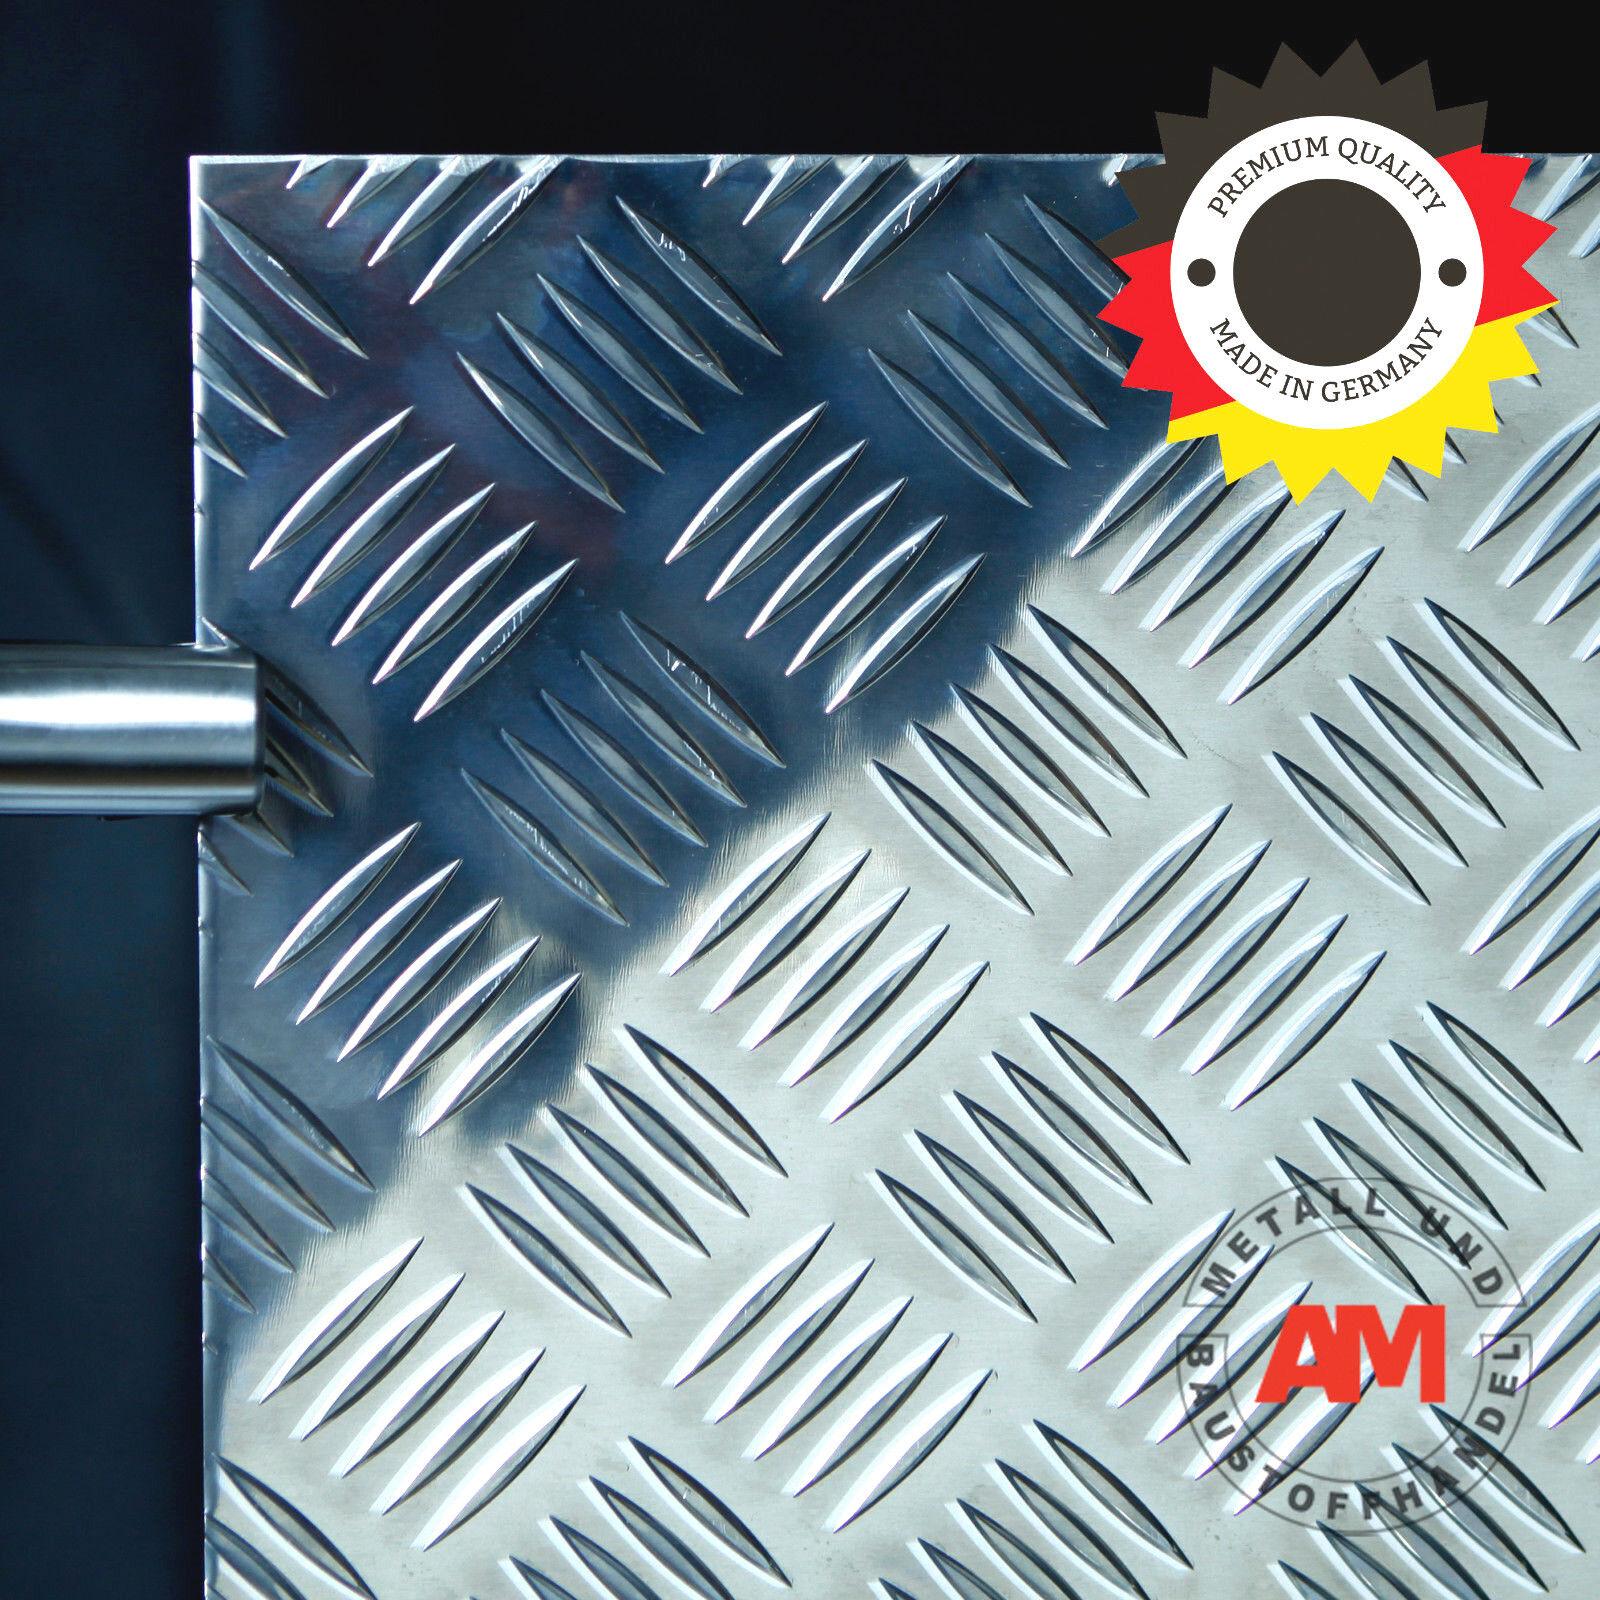 Alu Strukturblech 1000 x 1000 x 3,5 5,0mm QUINTETT Riffelblech Warzenblech Boden